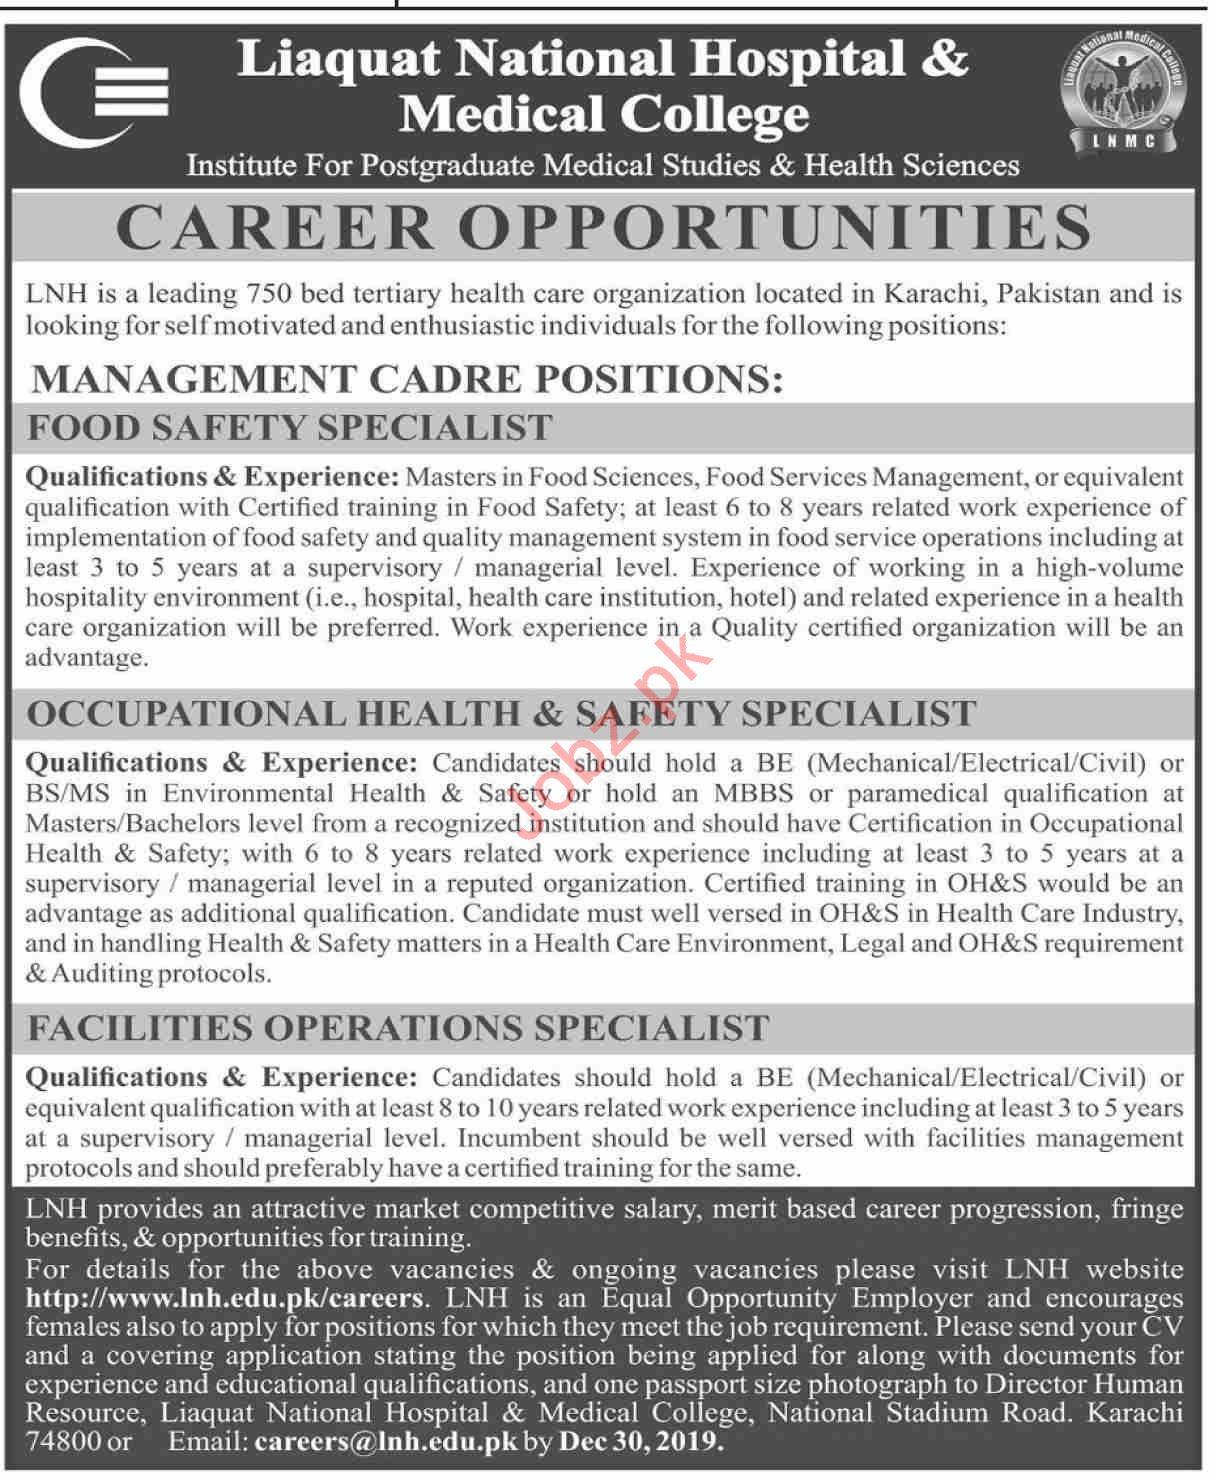 Liaquat National Hospital & Medical College Jobs 2020